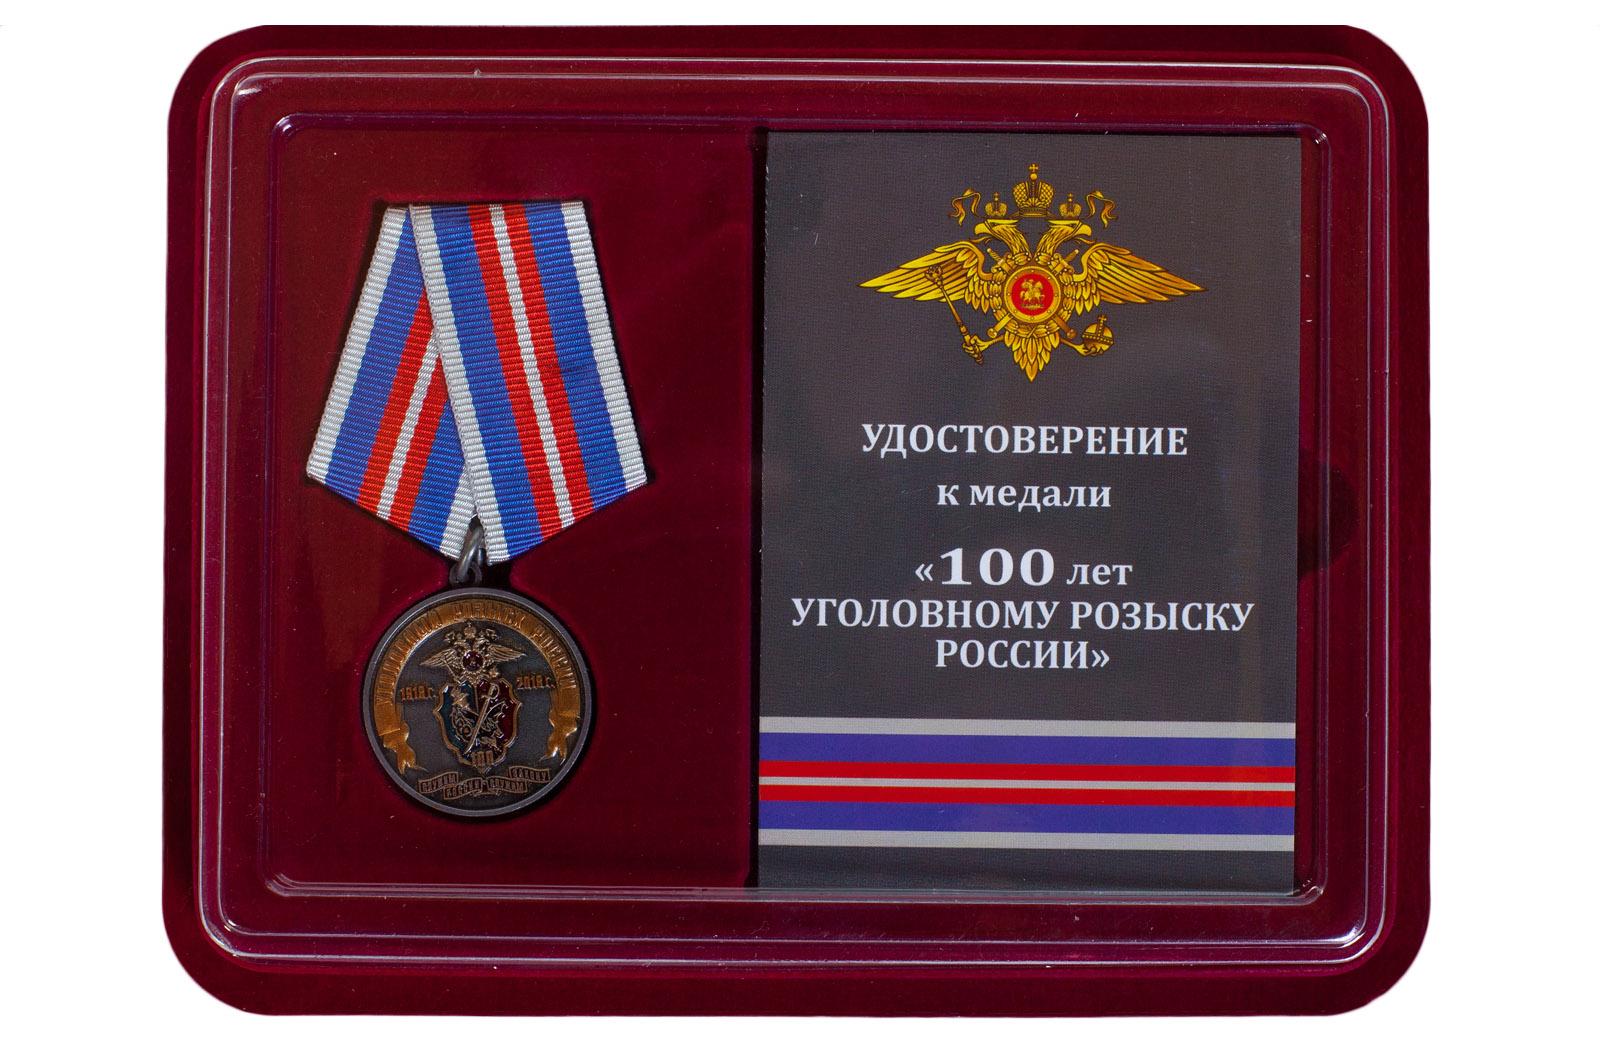 Купить юбилейную медаль 100 лет Уголовному розыску России 1918-2018 в подарок